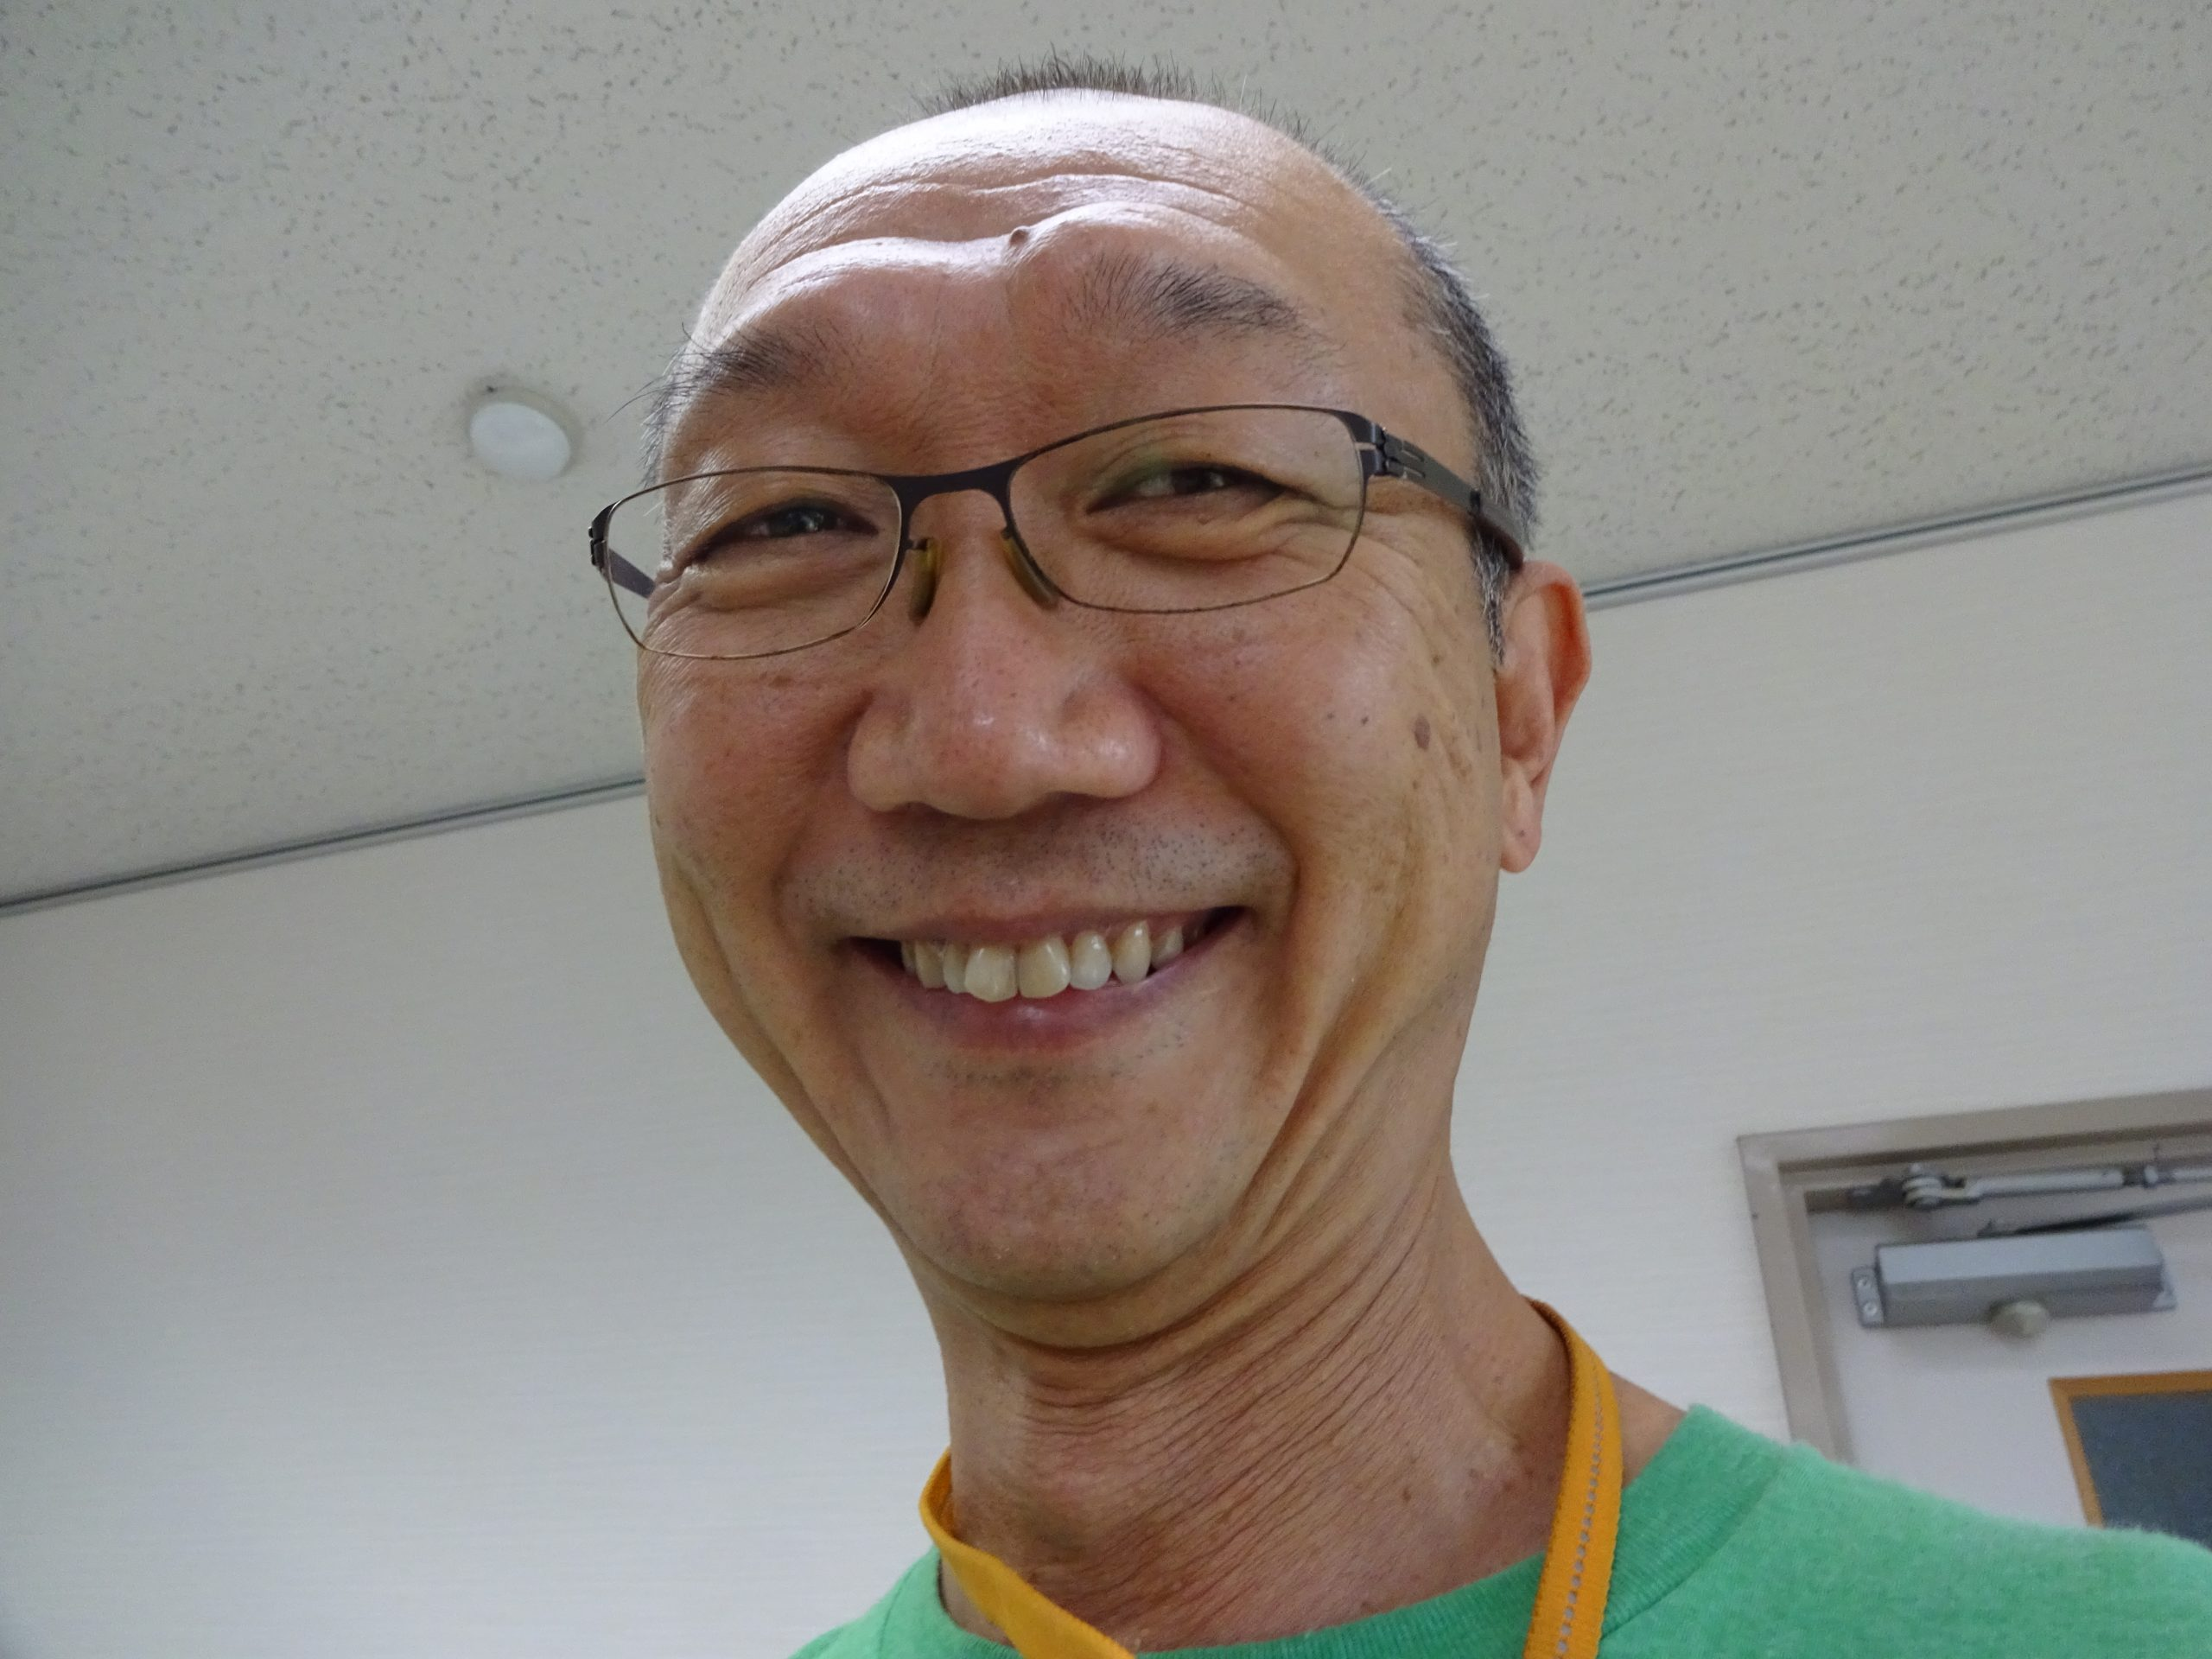 新見永治 Shimmi Eiji